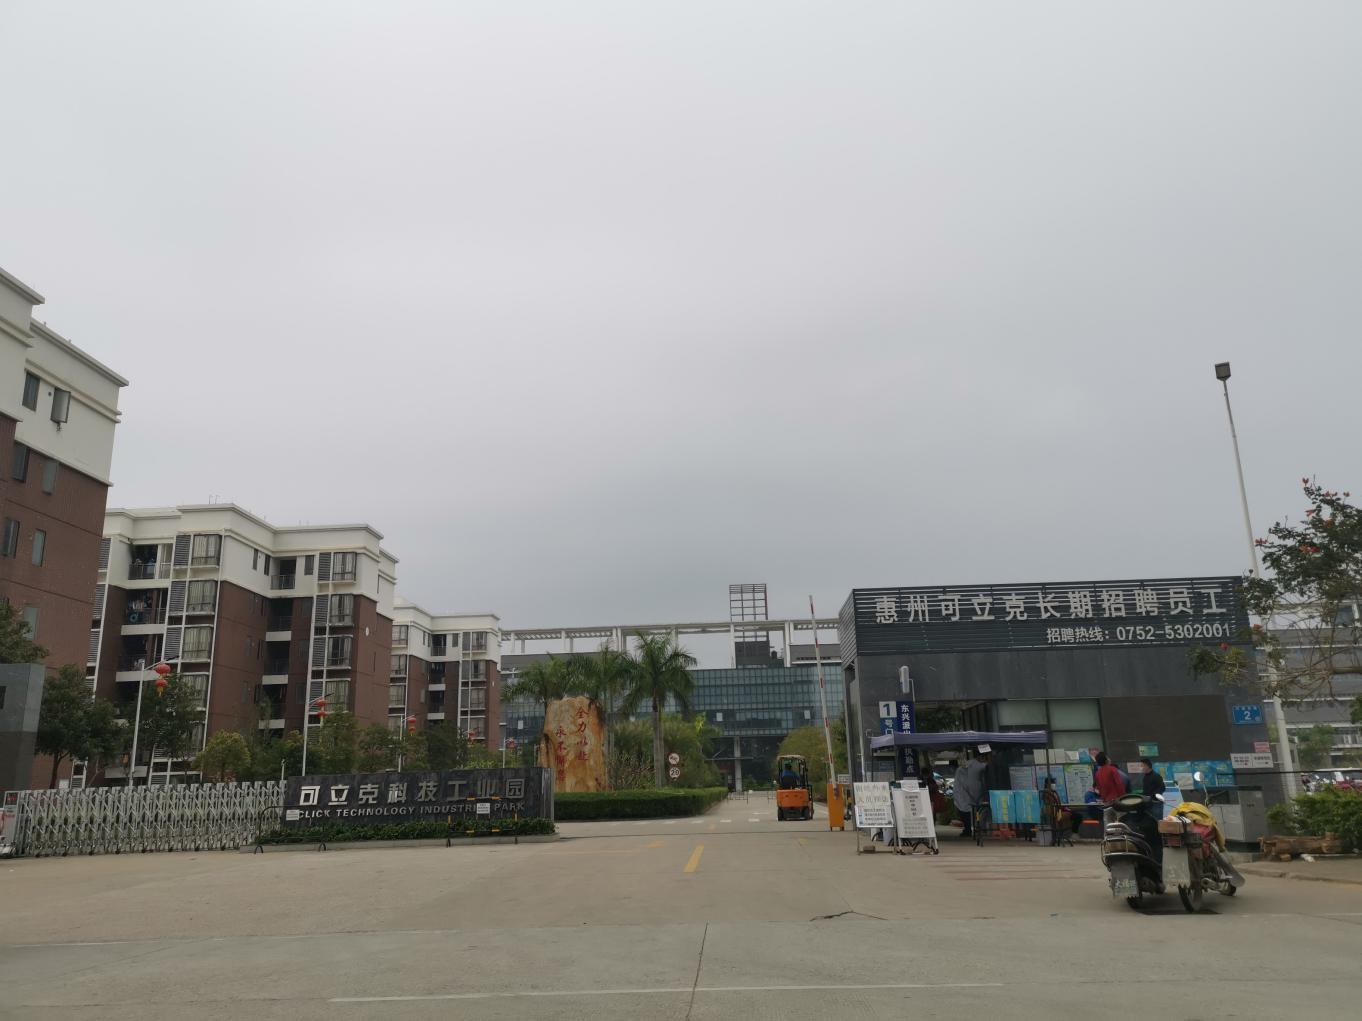 签约:惠州市可立克科技有限公司、惠州市可立克电子有限公司